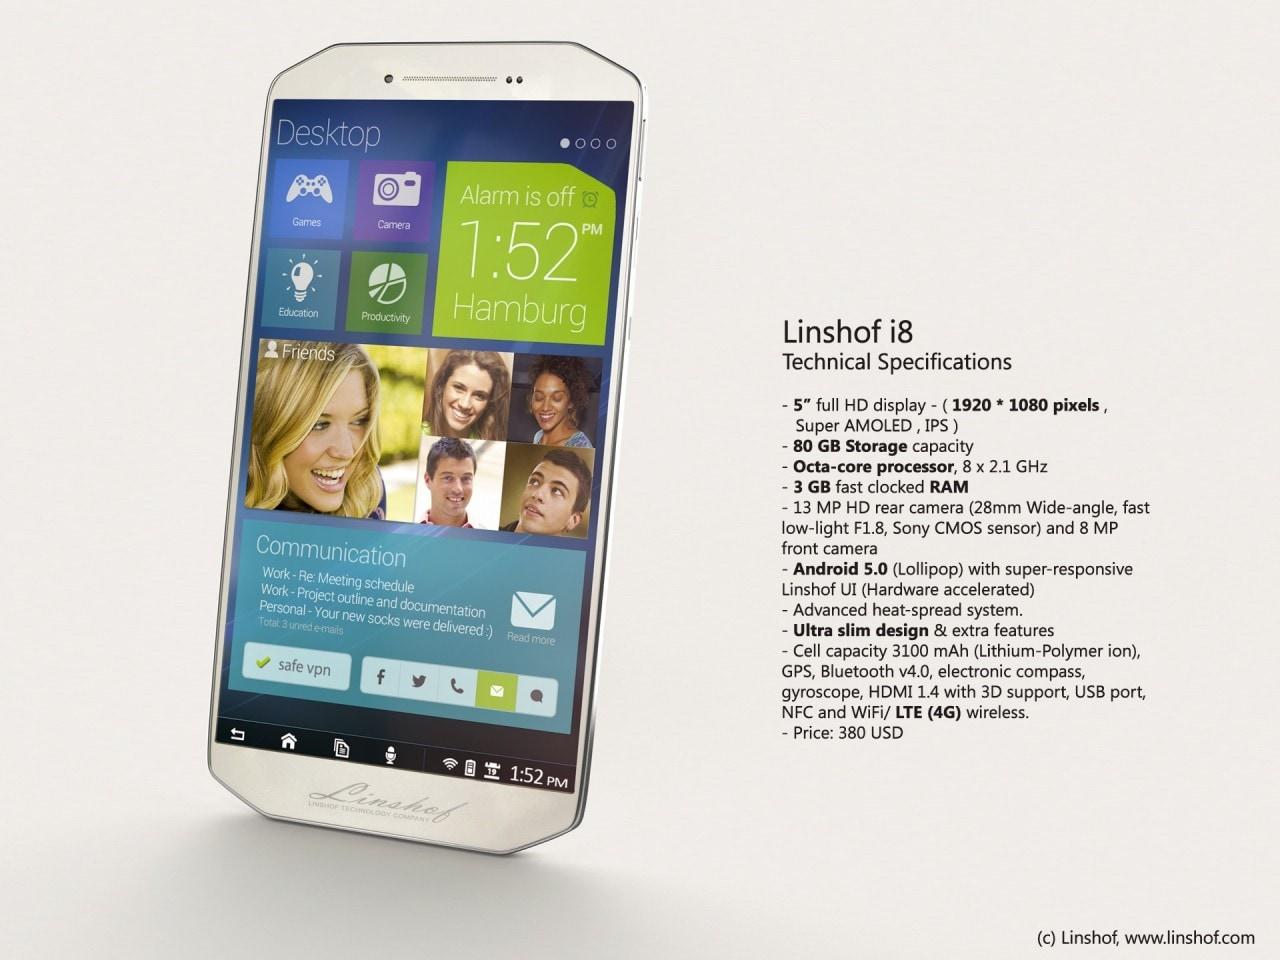 Vi ricordate di Linshof i8, lo smartphone con 80 GB di memoria? Bene, potete dimenticarlo